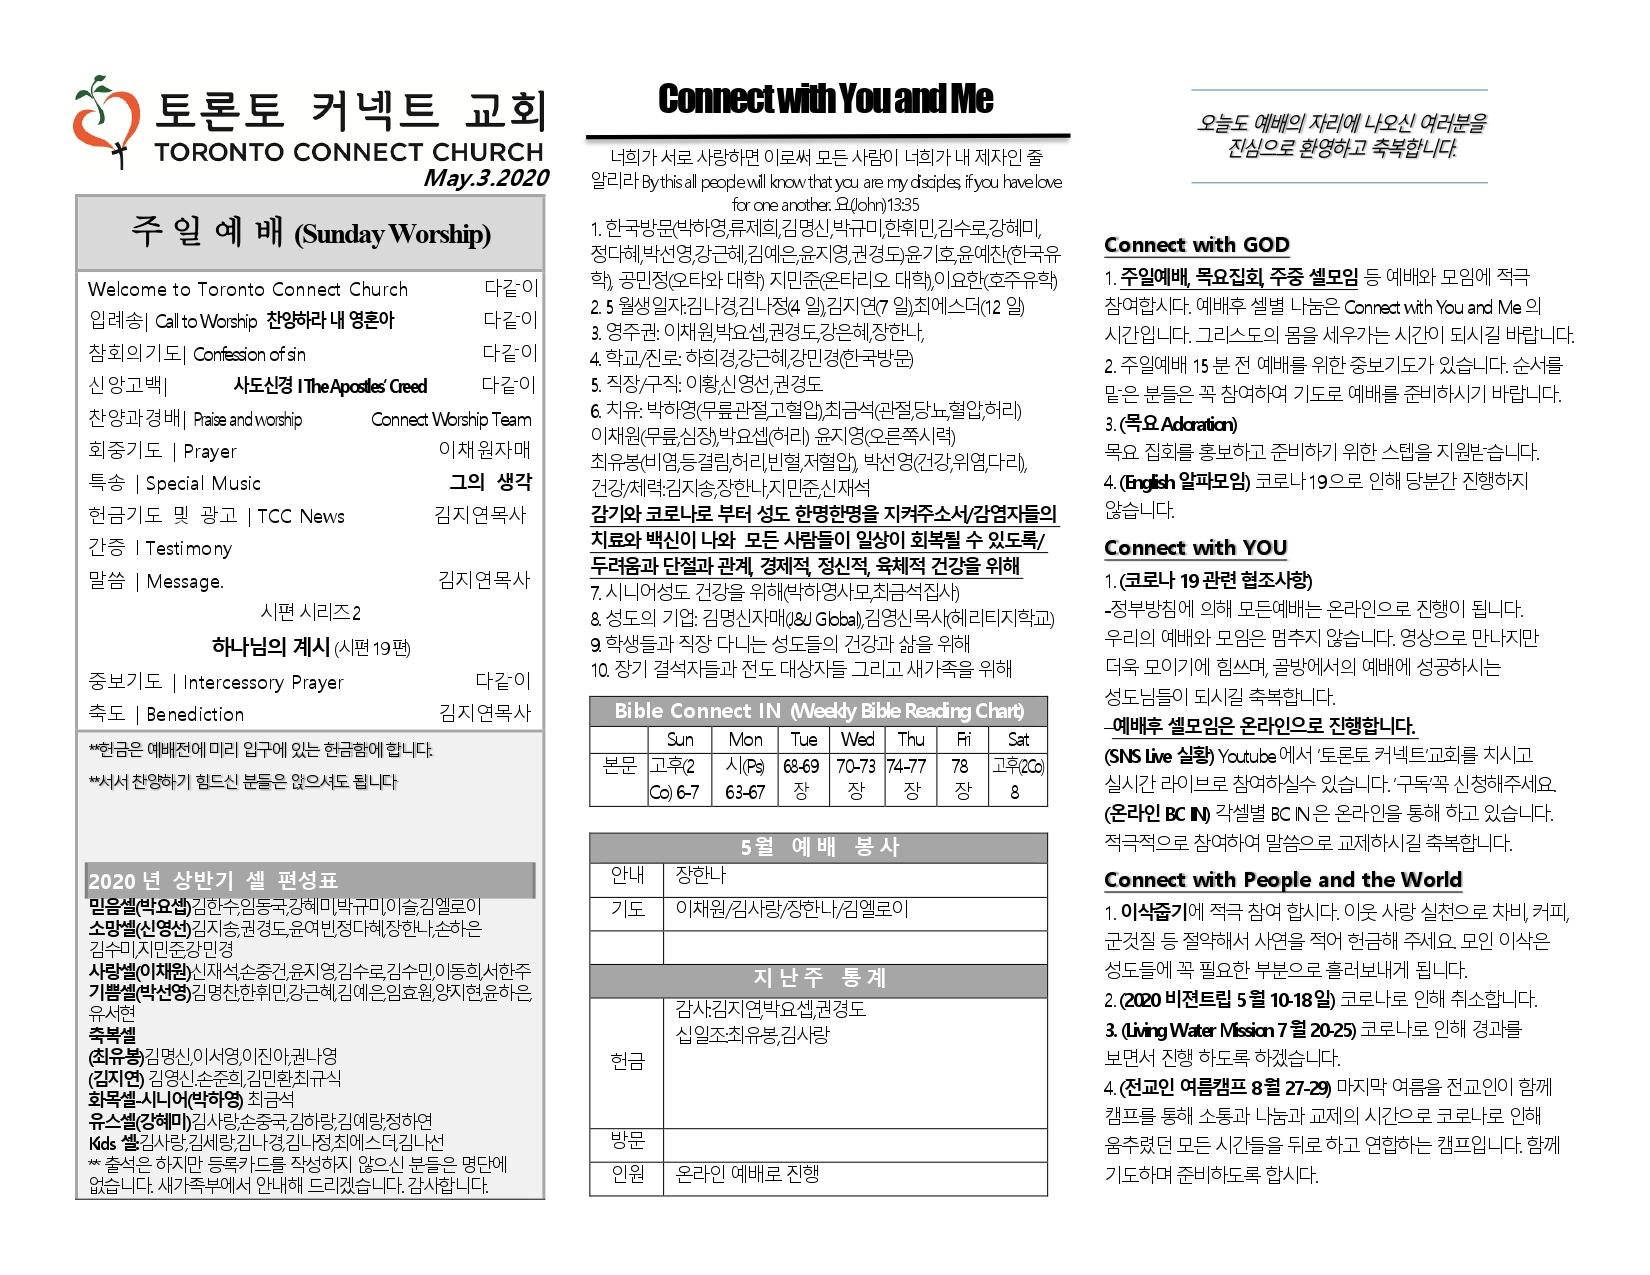 2020_5_3주보_page_0001_1588485712.jpg